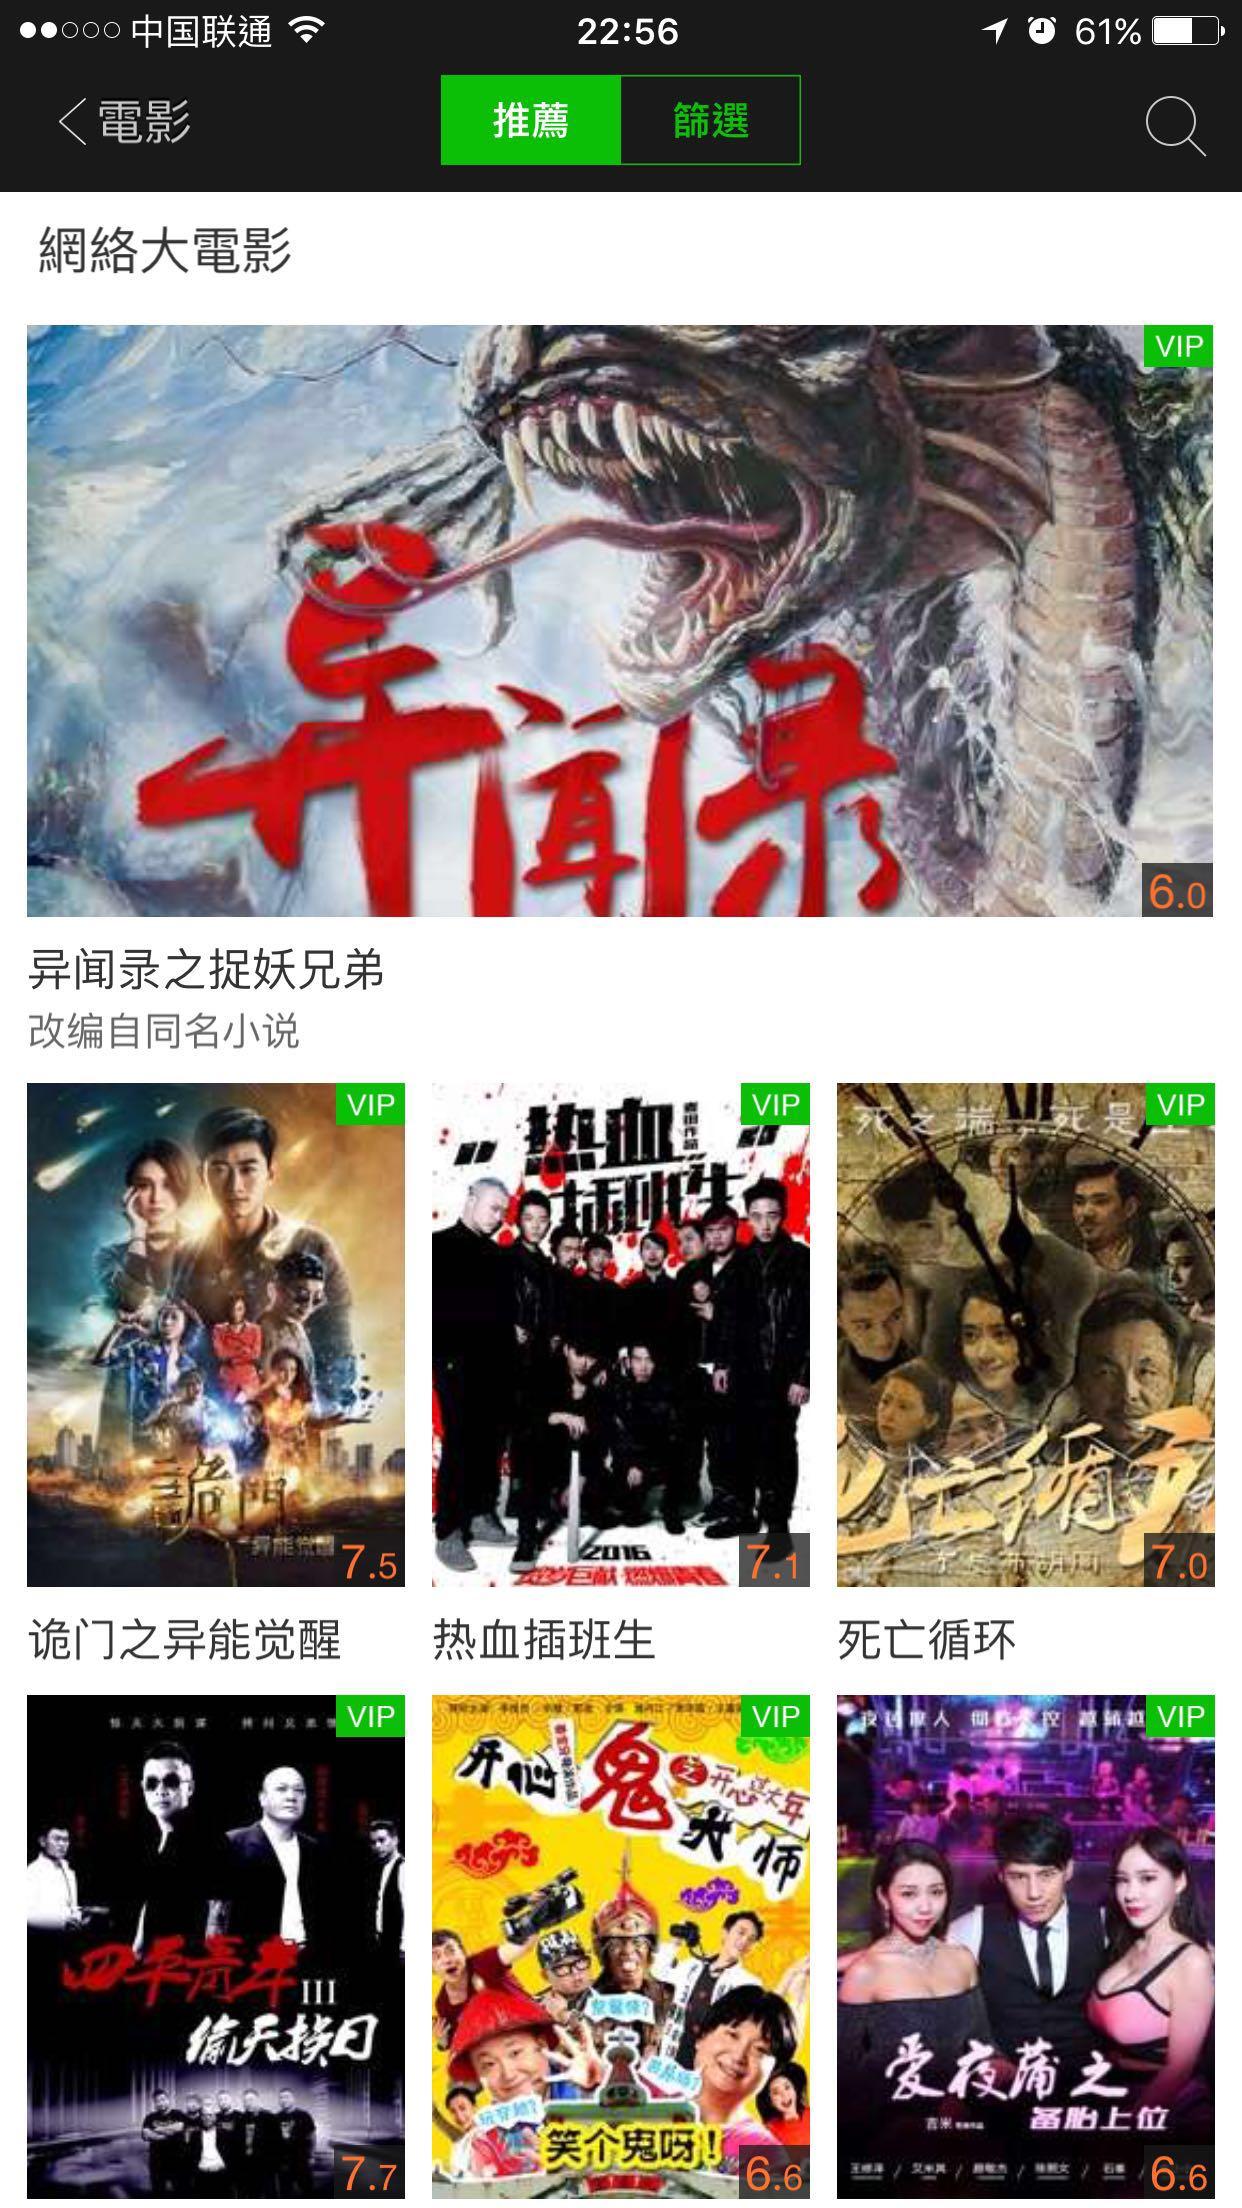 爱奇艺app网络大电影banner